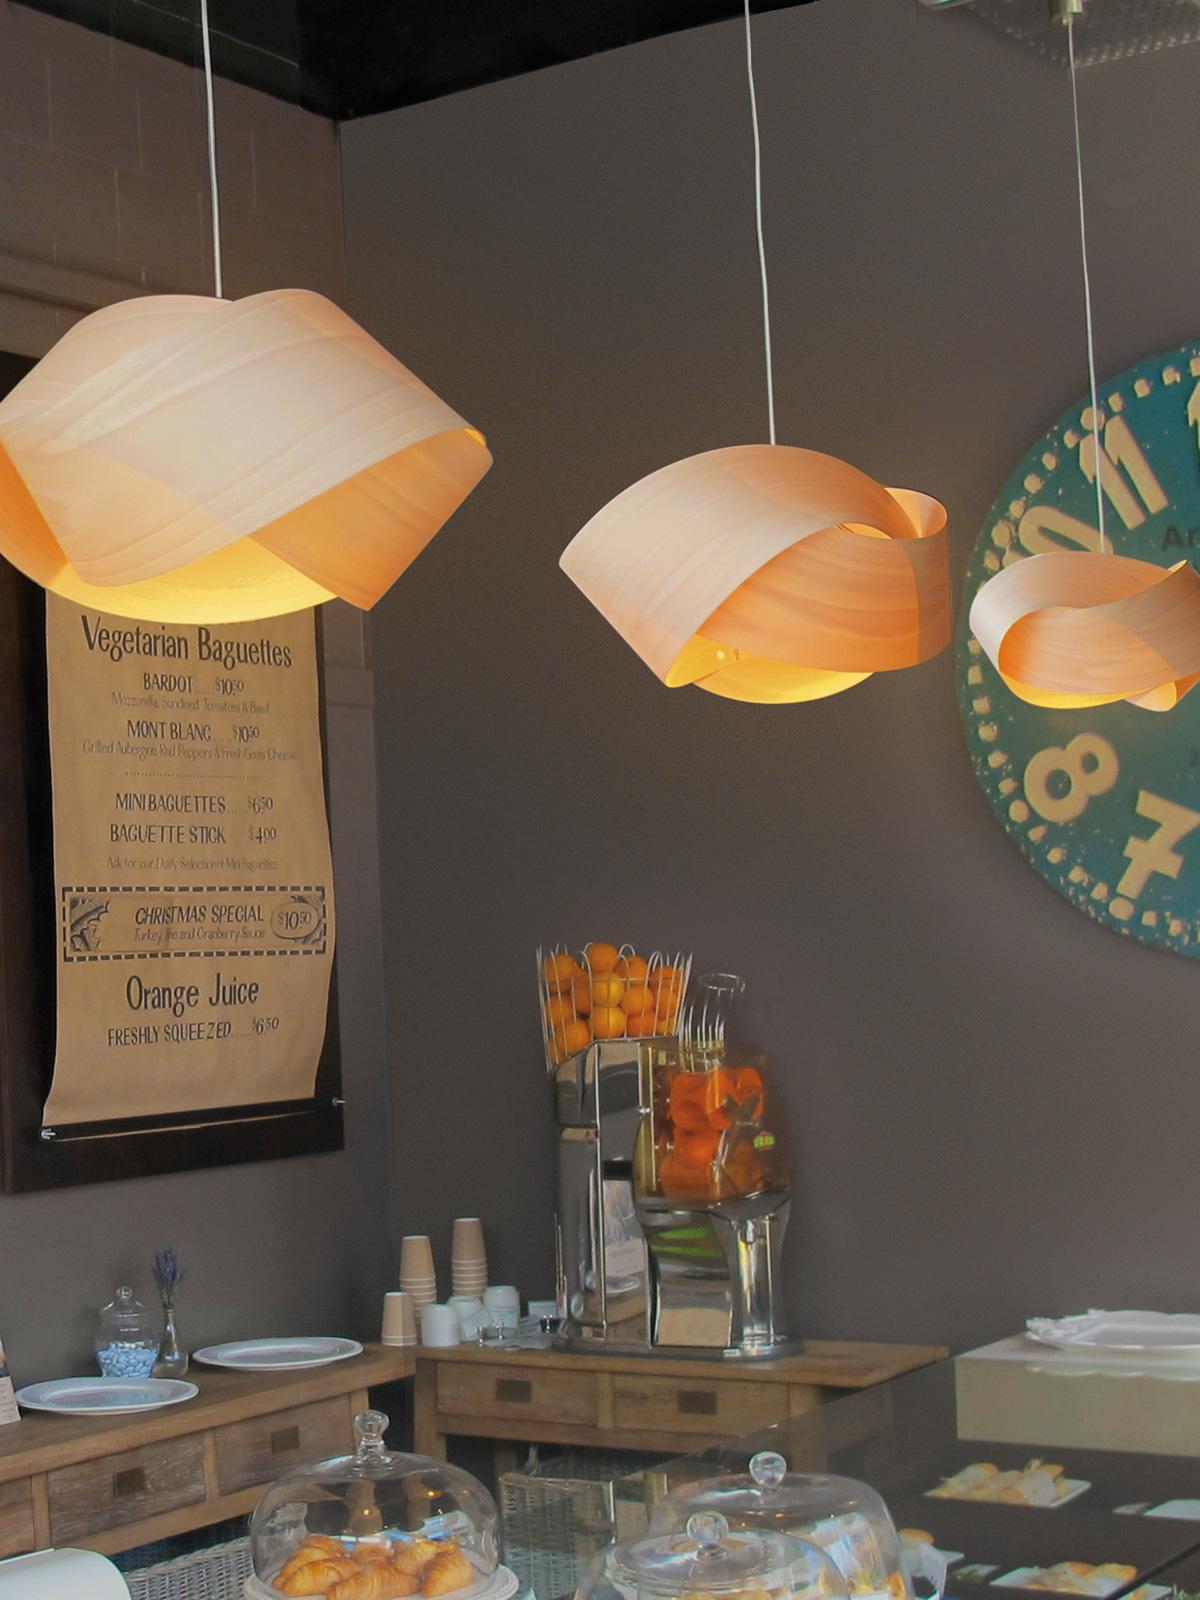 Nut Holzleuchte von LZF Lamps in 11 Farben DesignOrt Lampen Berlin